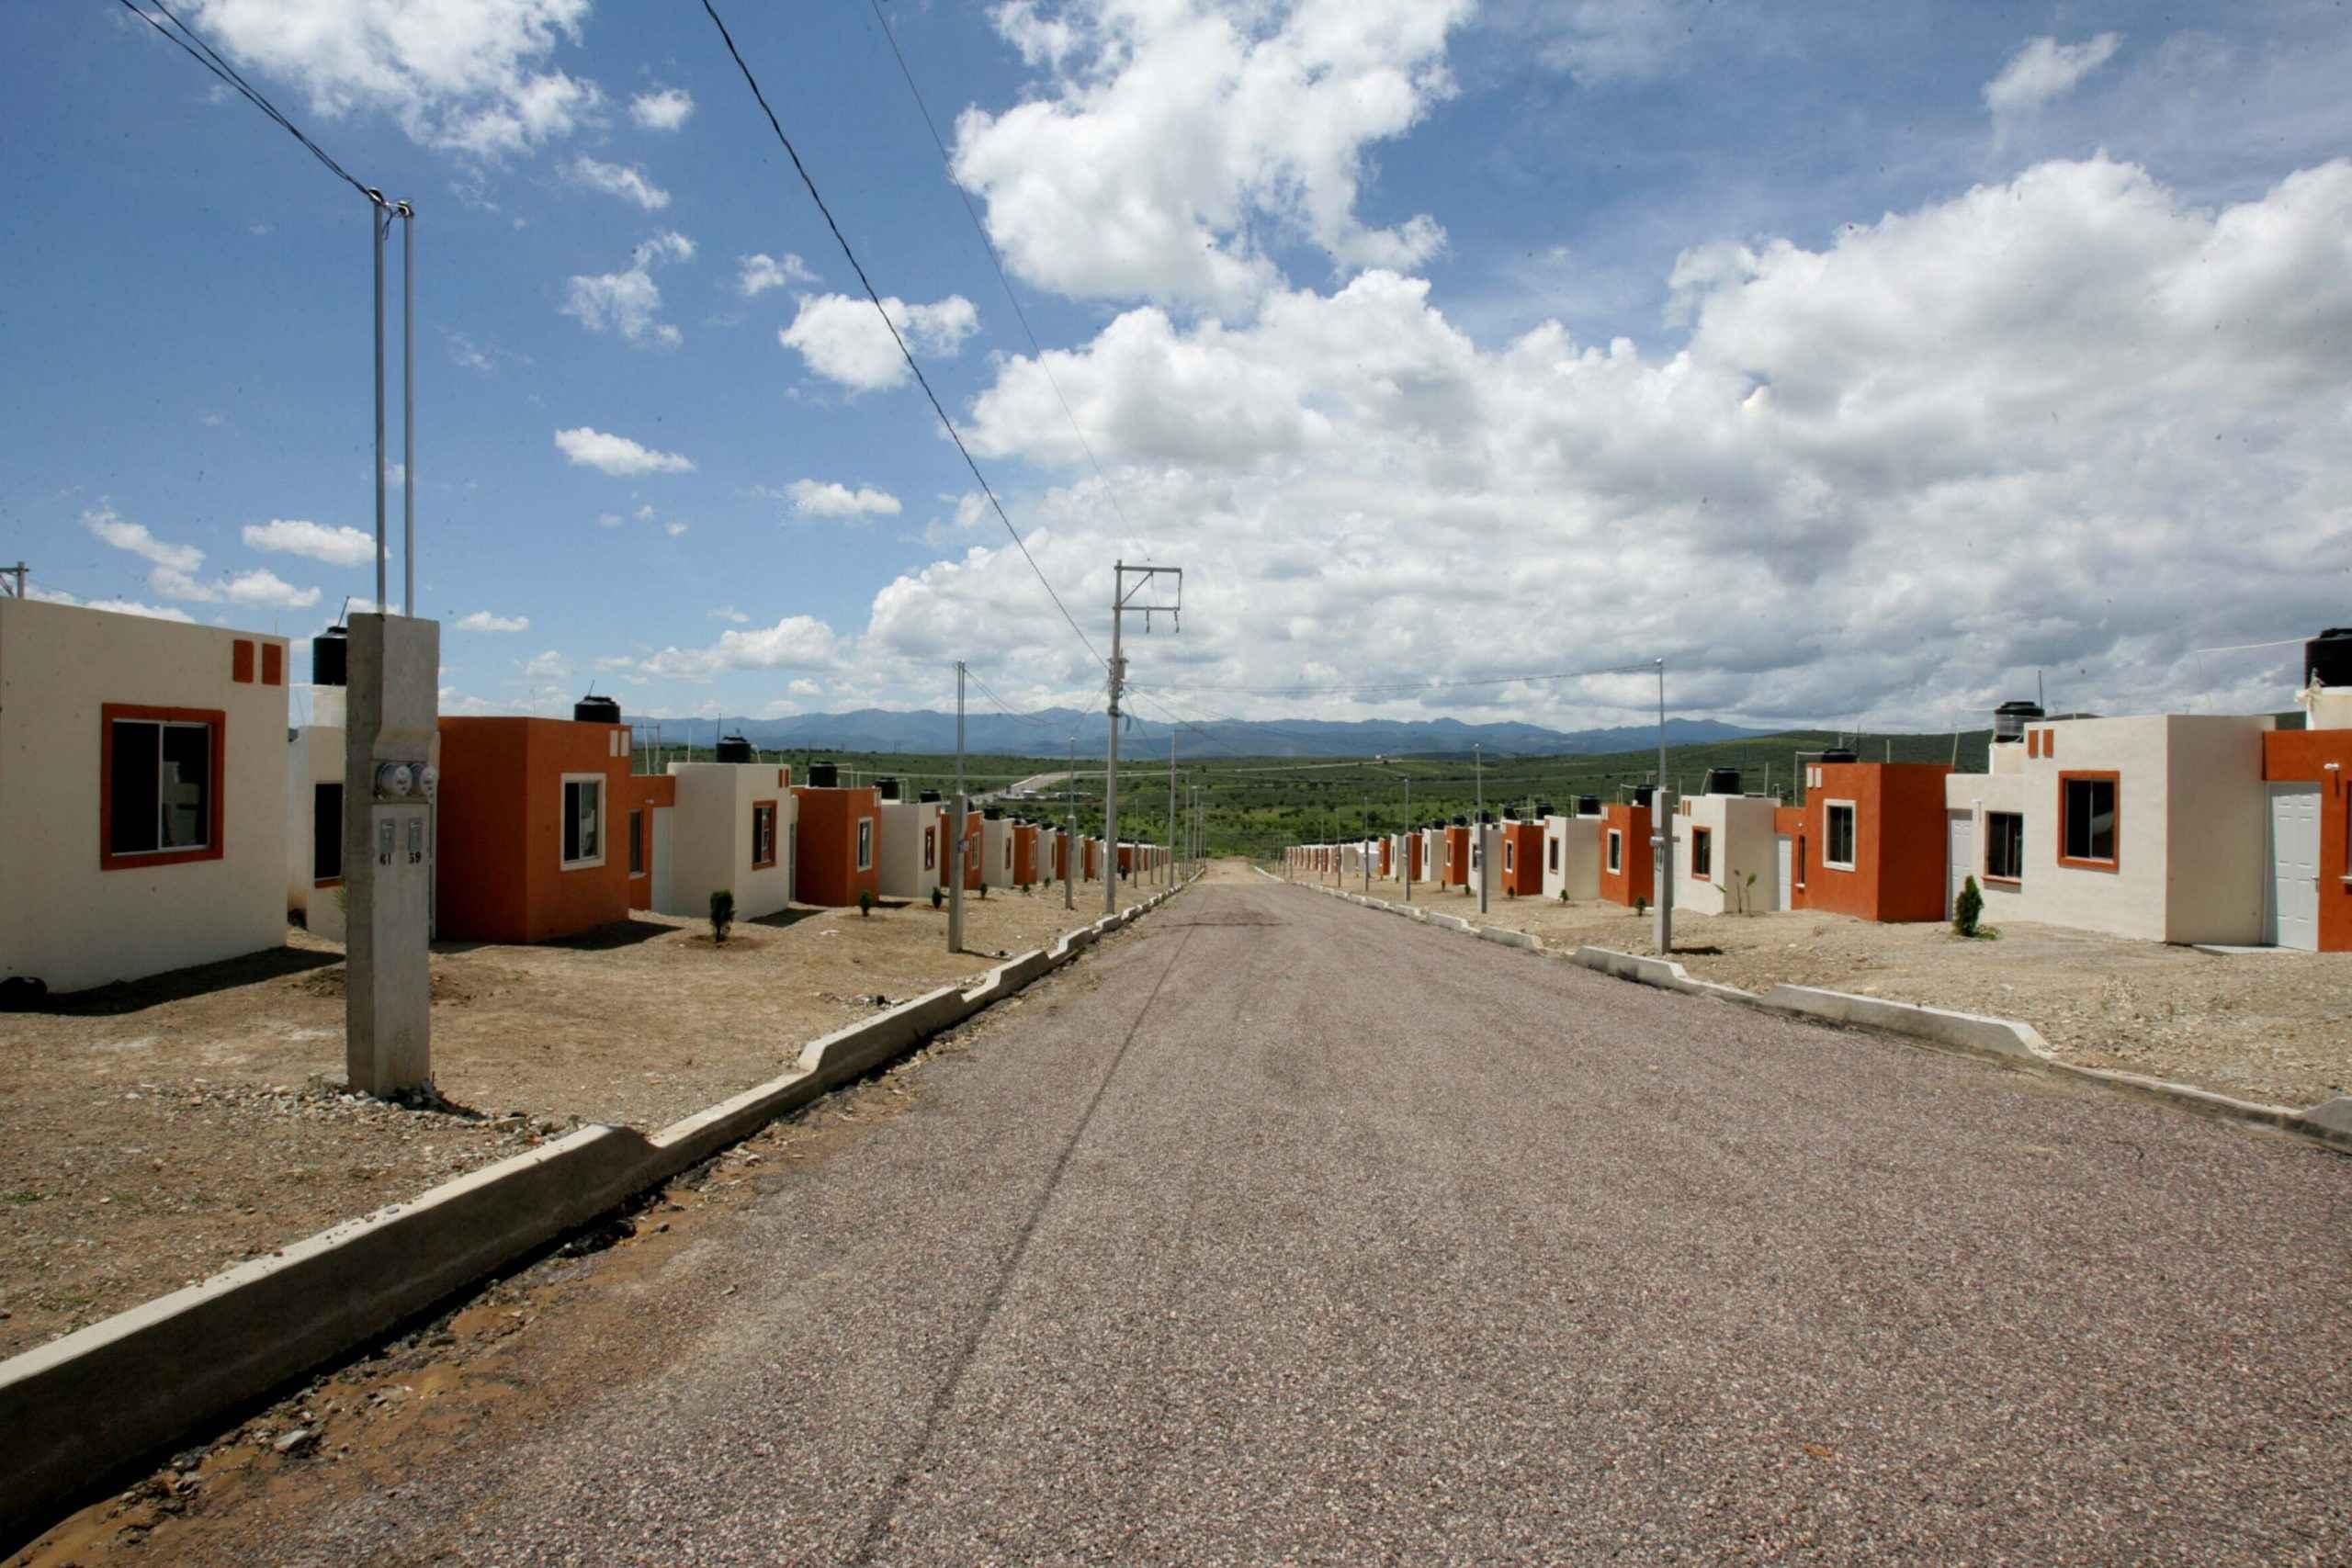 Necesarias, sinergias con banca y gobiernos para resarcir rezago en vivienda: Fonhapo